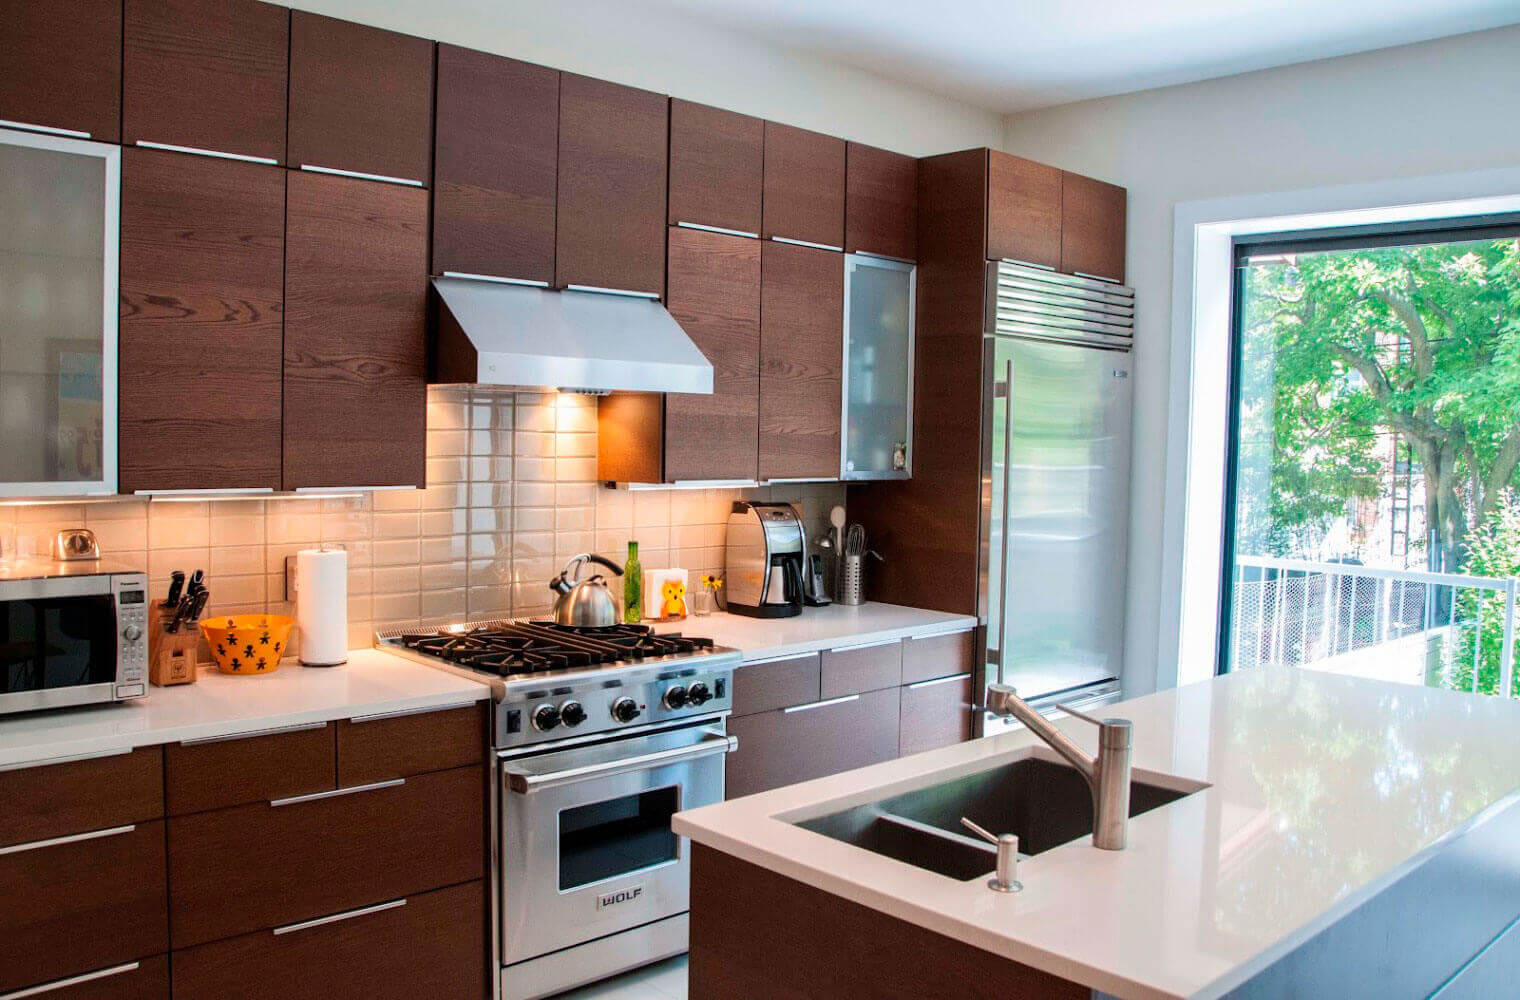 89+ Contemporary Kitchen Design Ideas Gallery | Backsplashes ...